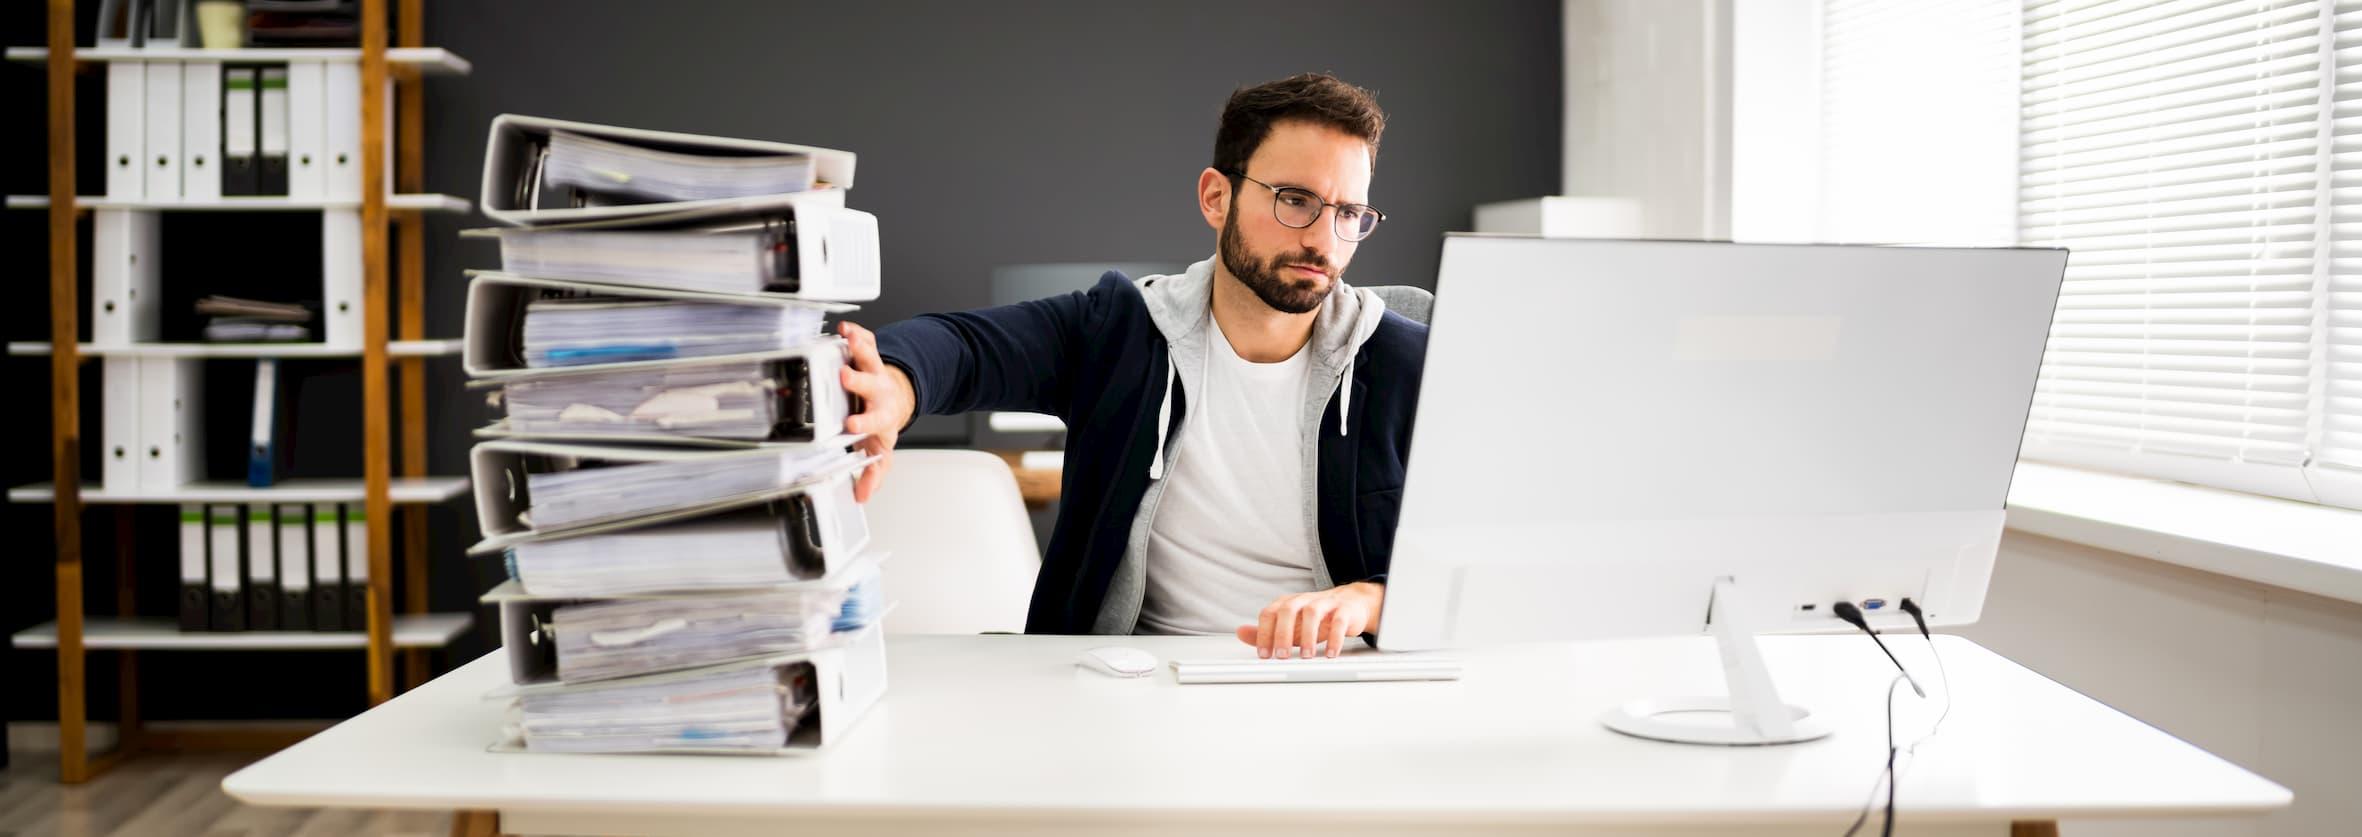 Beneficios del software de contabilidad